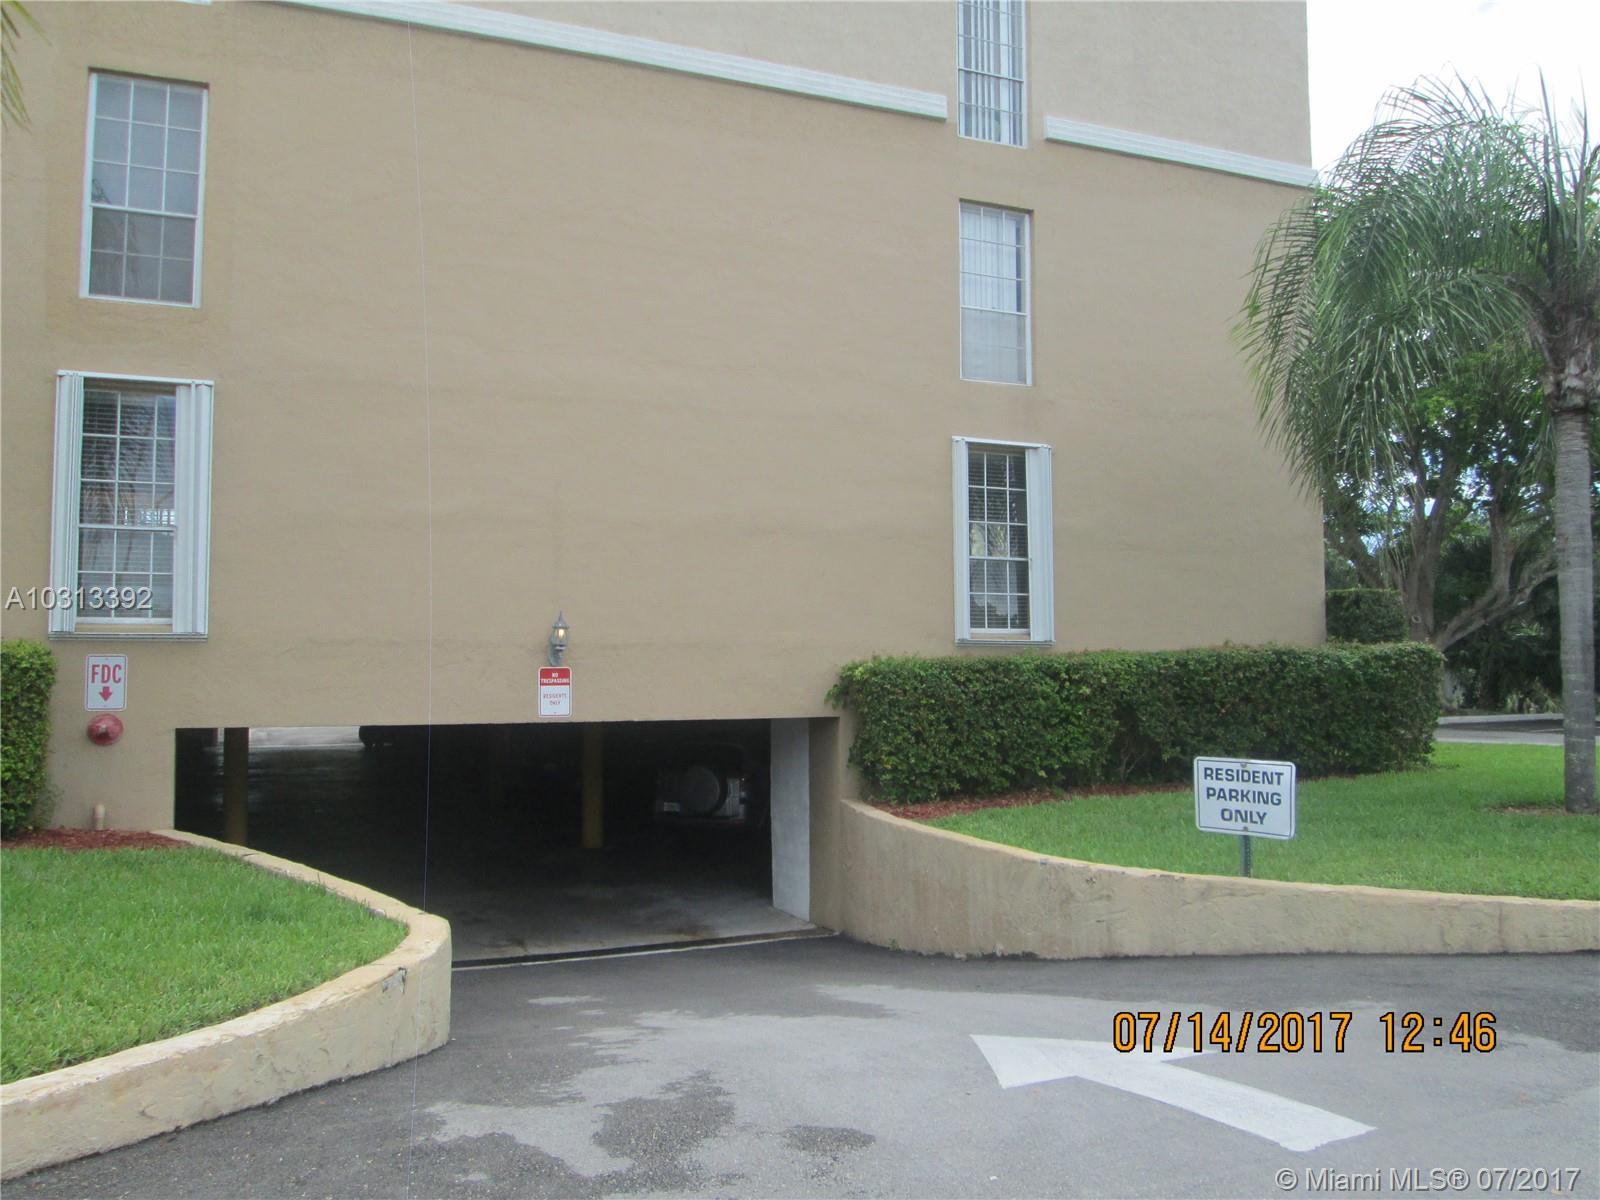 7981 S French Dr # 2-206, Pembroke Pines, FL 33024